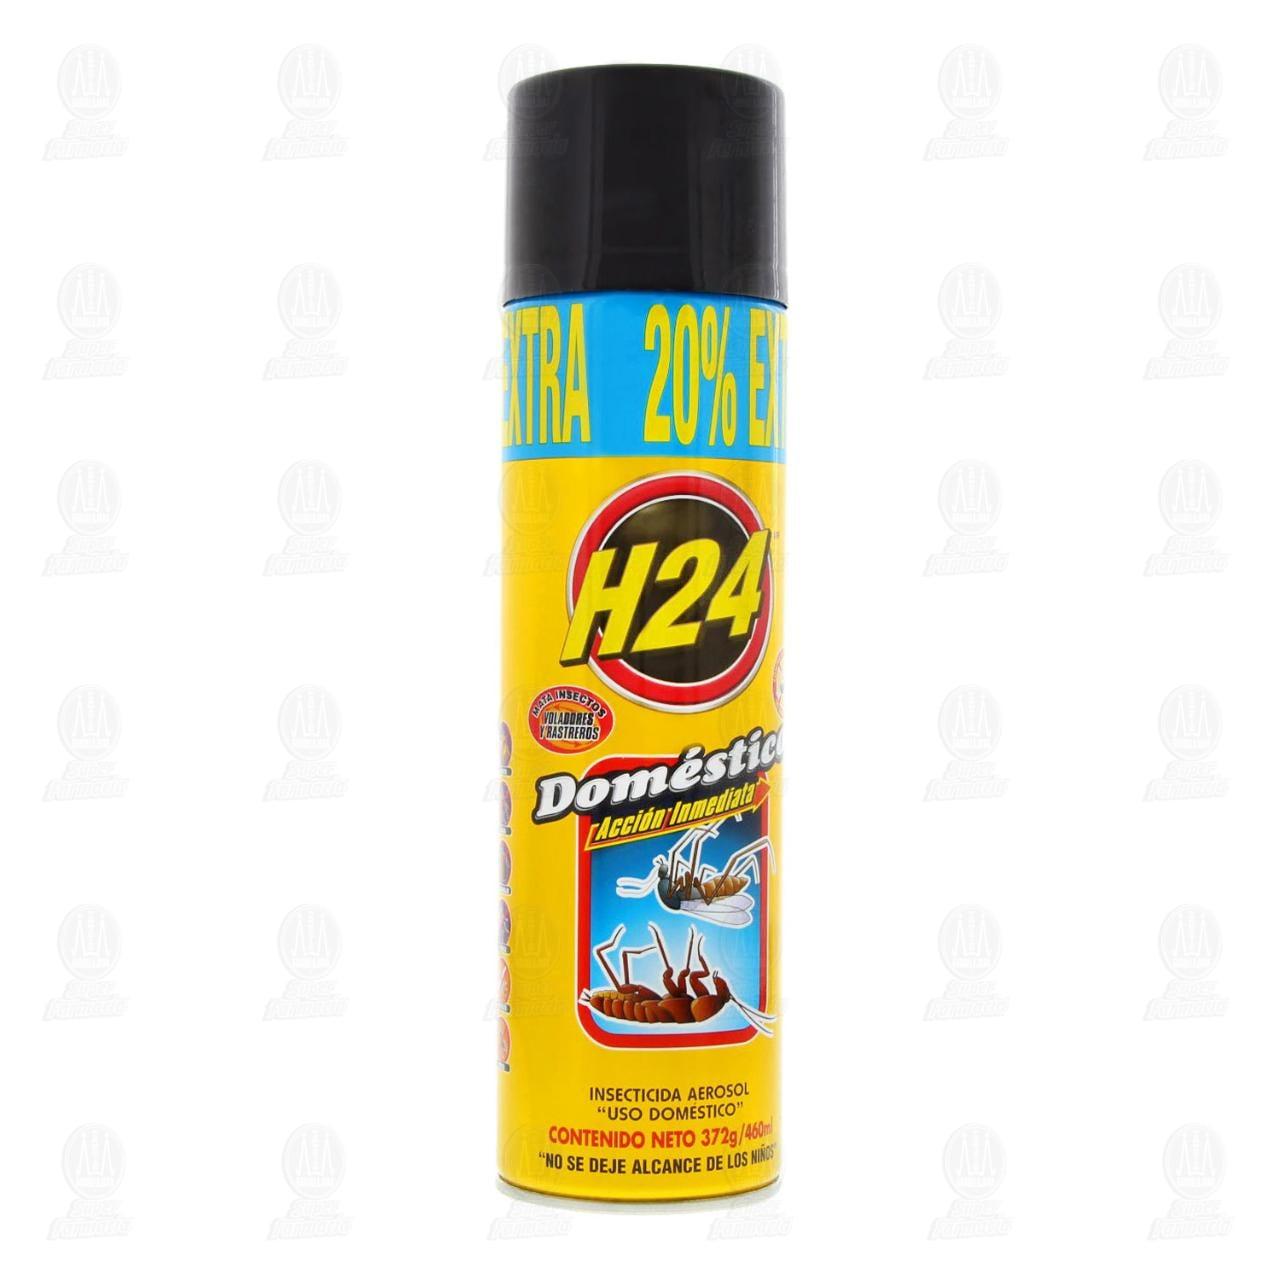 Insecticida H24 Doméstico en Aerosol Acción Inmediata, 460 ml.